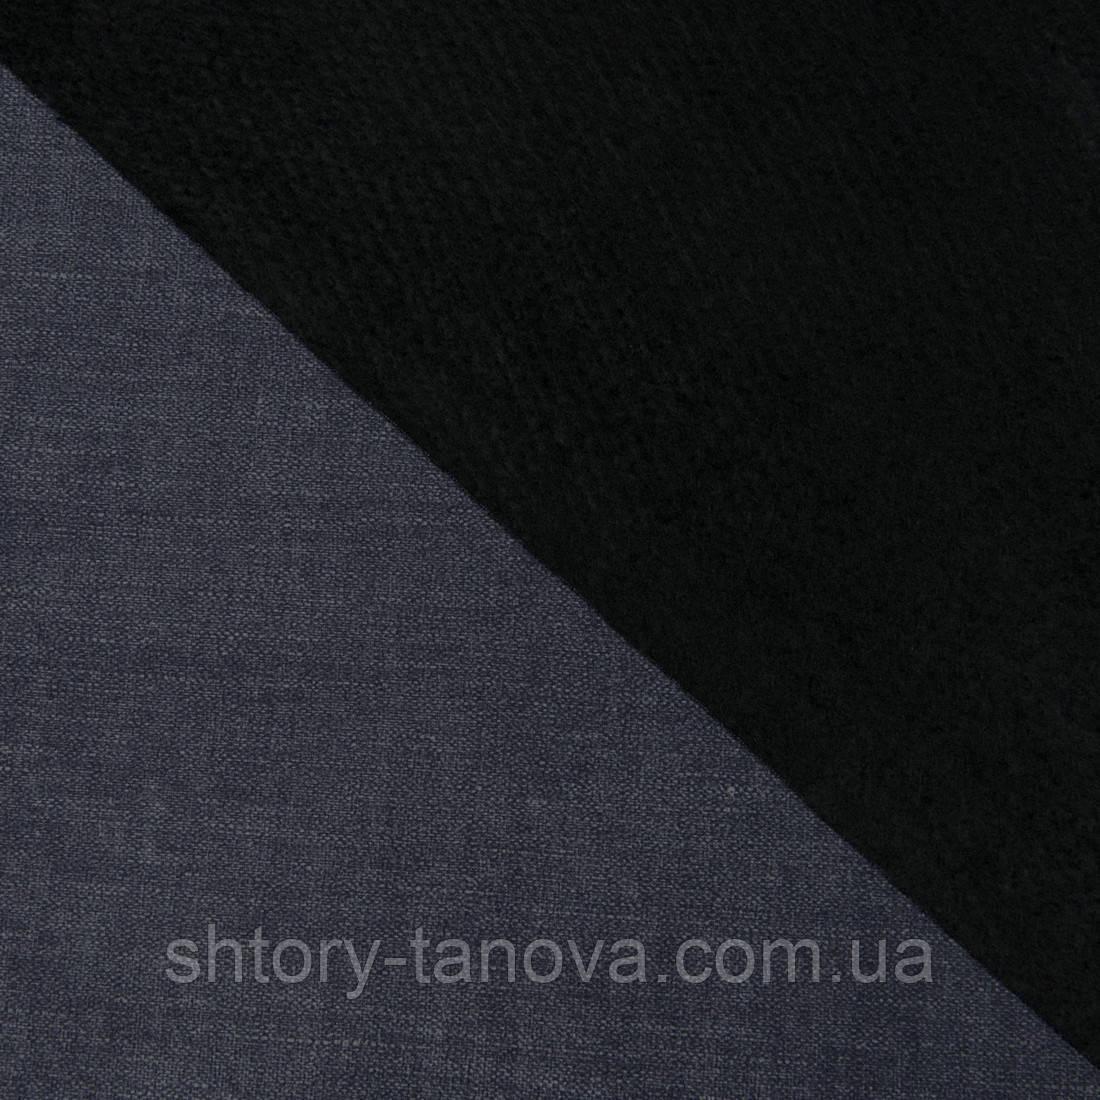 Декоративна тканина блийч синьо-фіолетовий